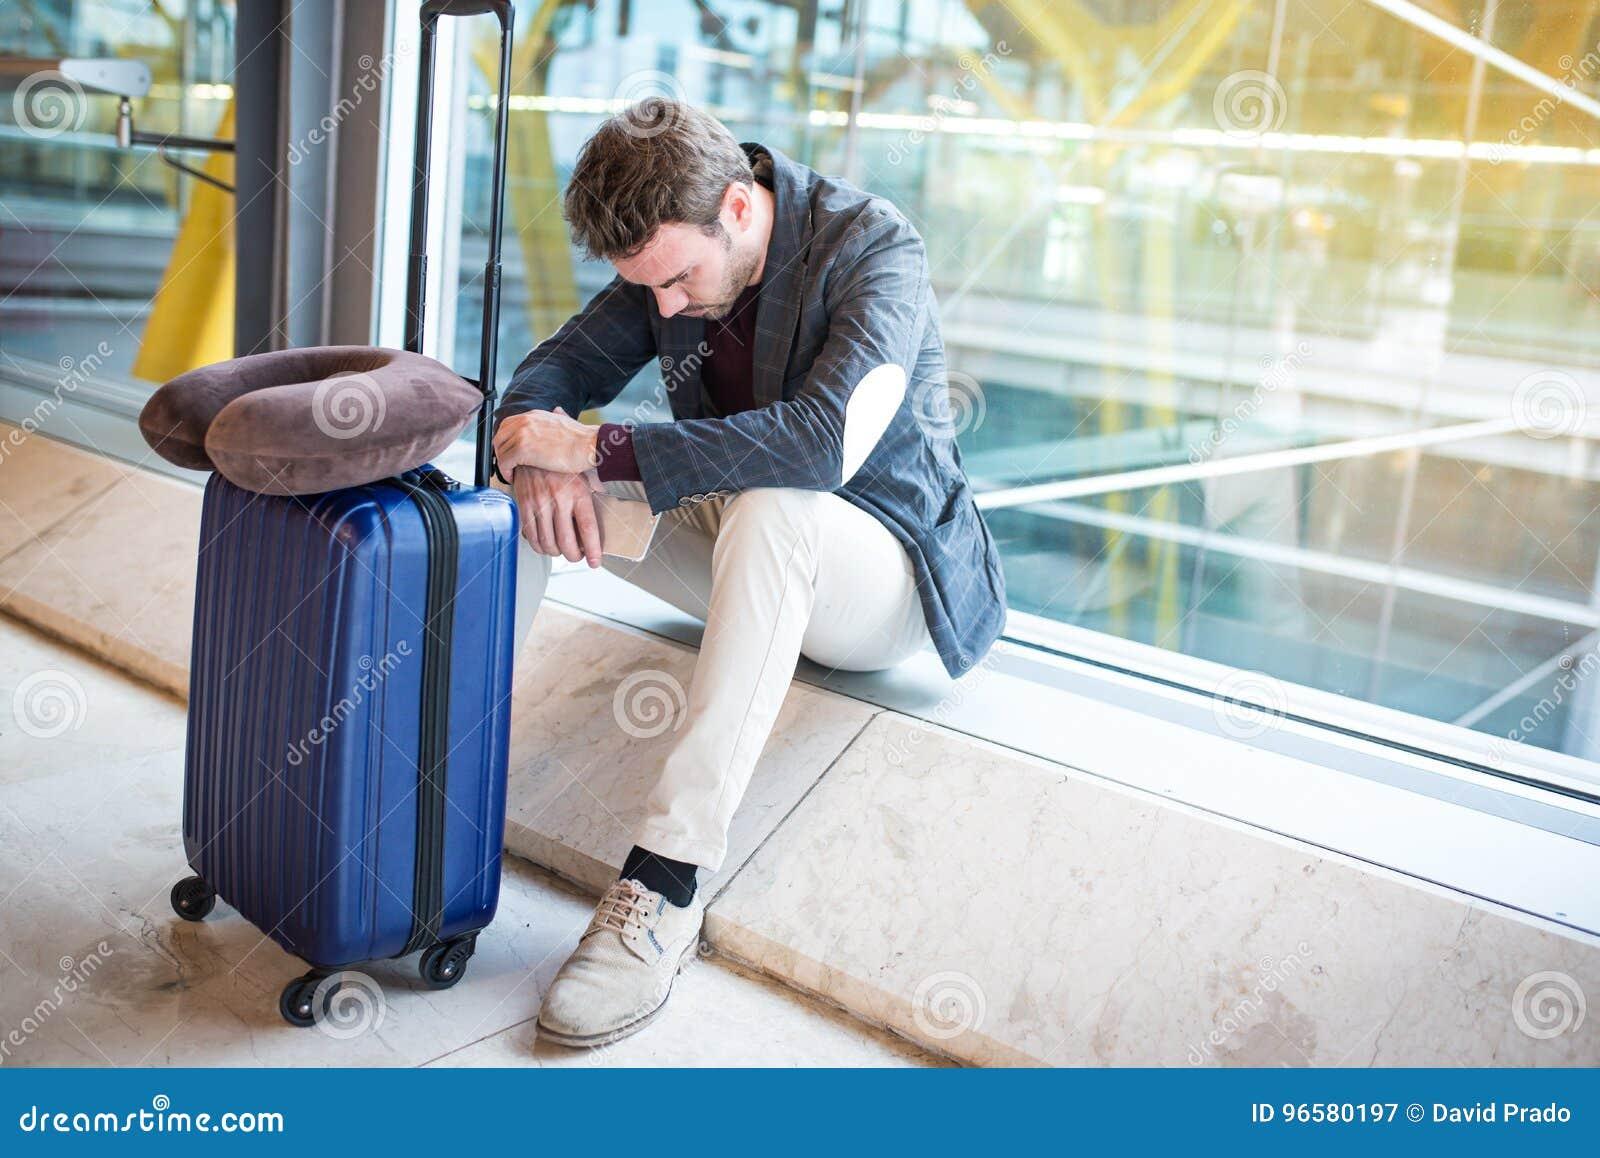 Le renversement d homme, triste et fâché contre l aéroport son vol est retardé